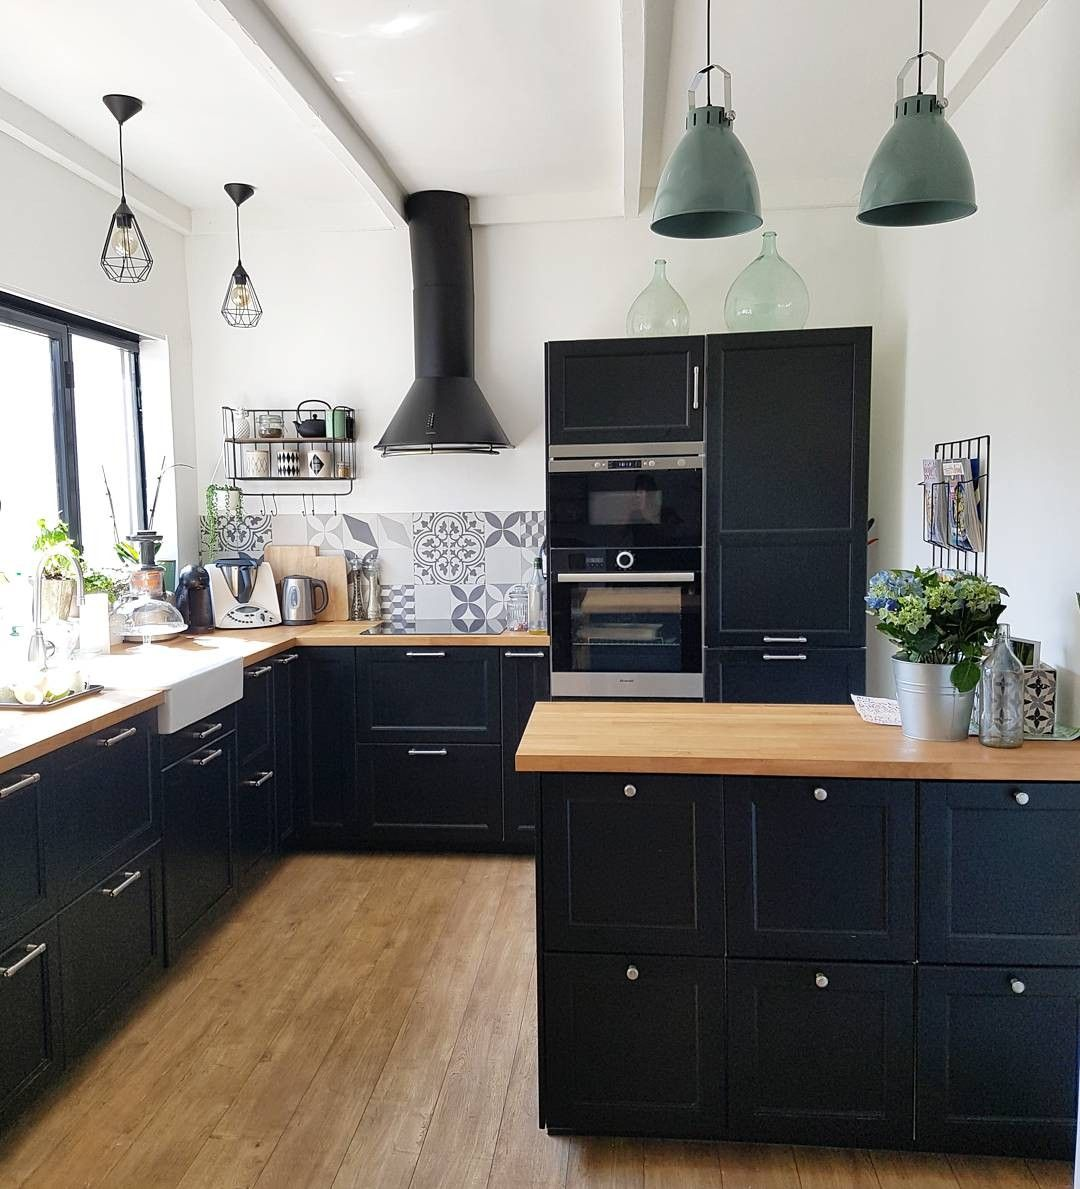 Cuisine Ikea Laxarby Cuisine Noire Et Bois Esprit Bistro Renovation Maison